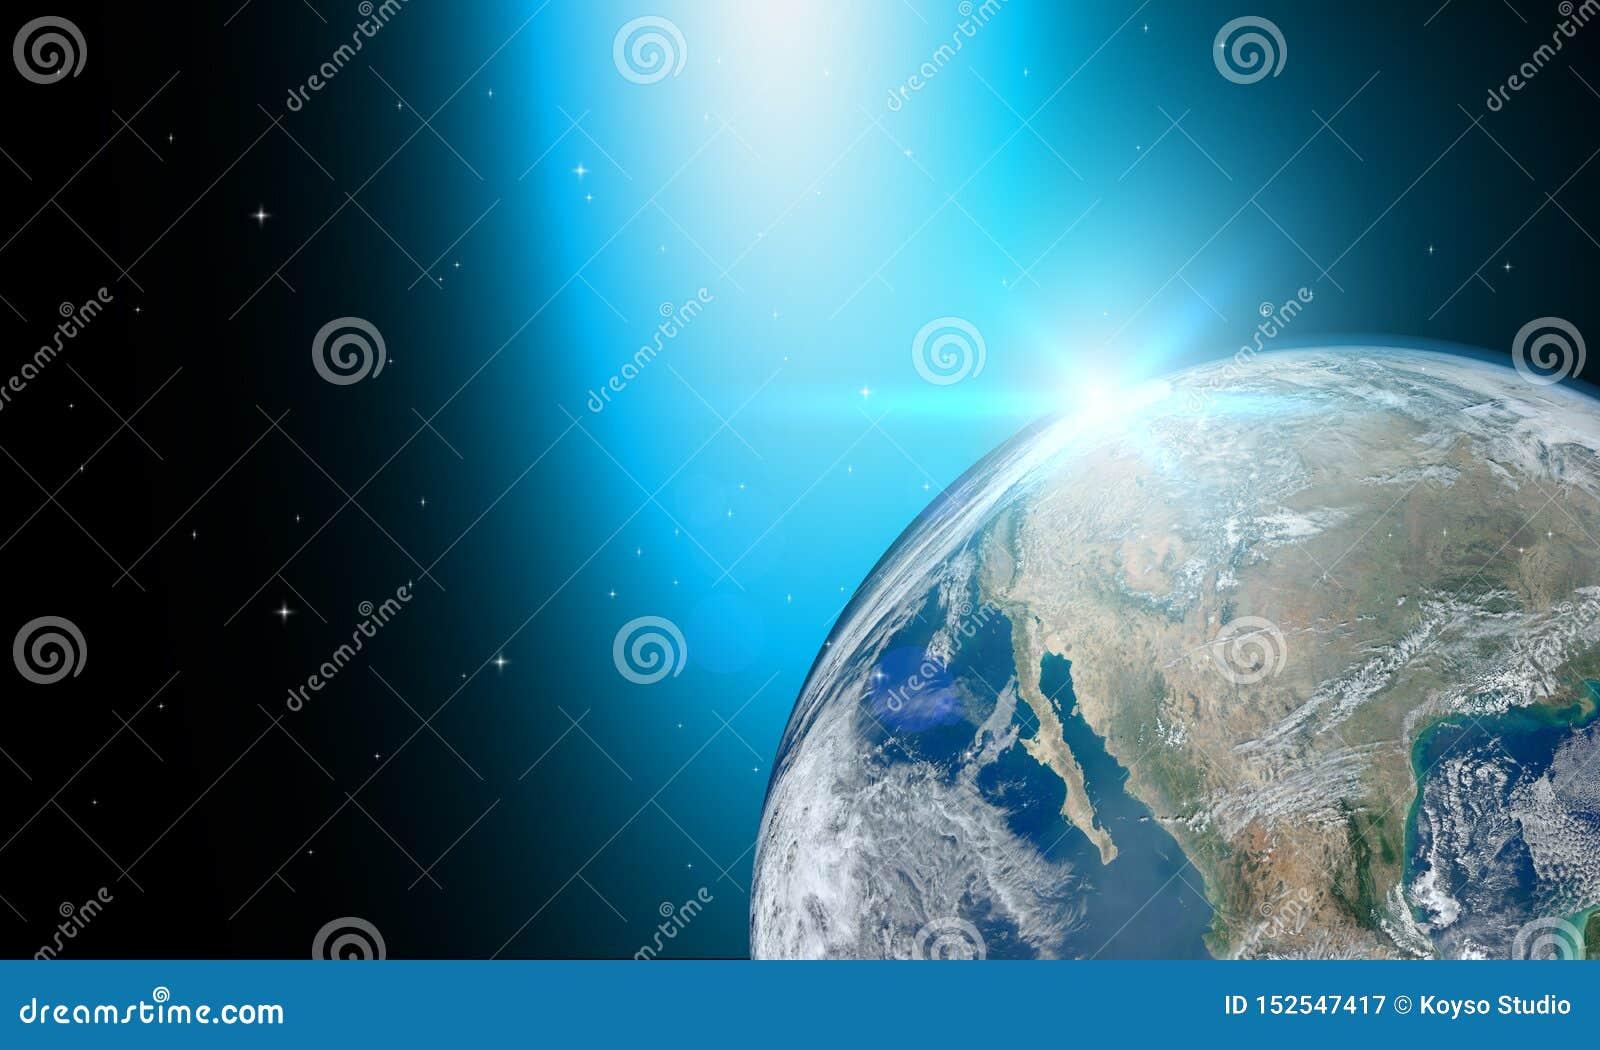 Στοιχεία γης ή κόσμων αυτής της εικόνας που εφοδιάζεται από τη NASA